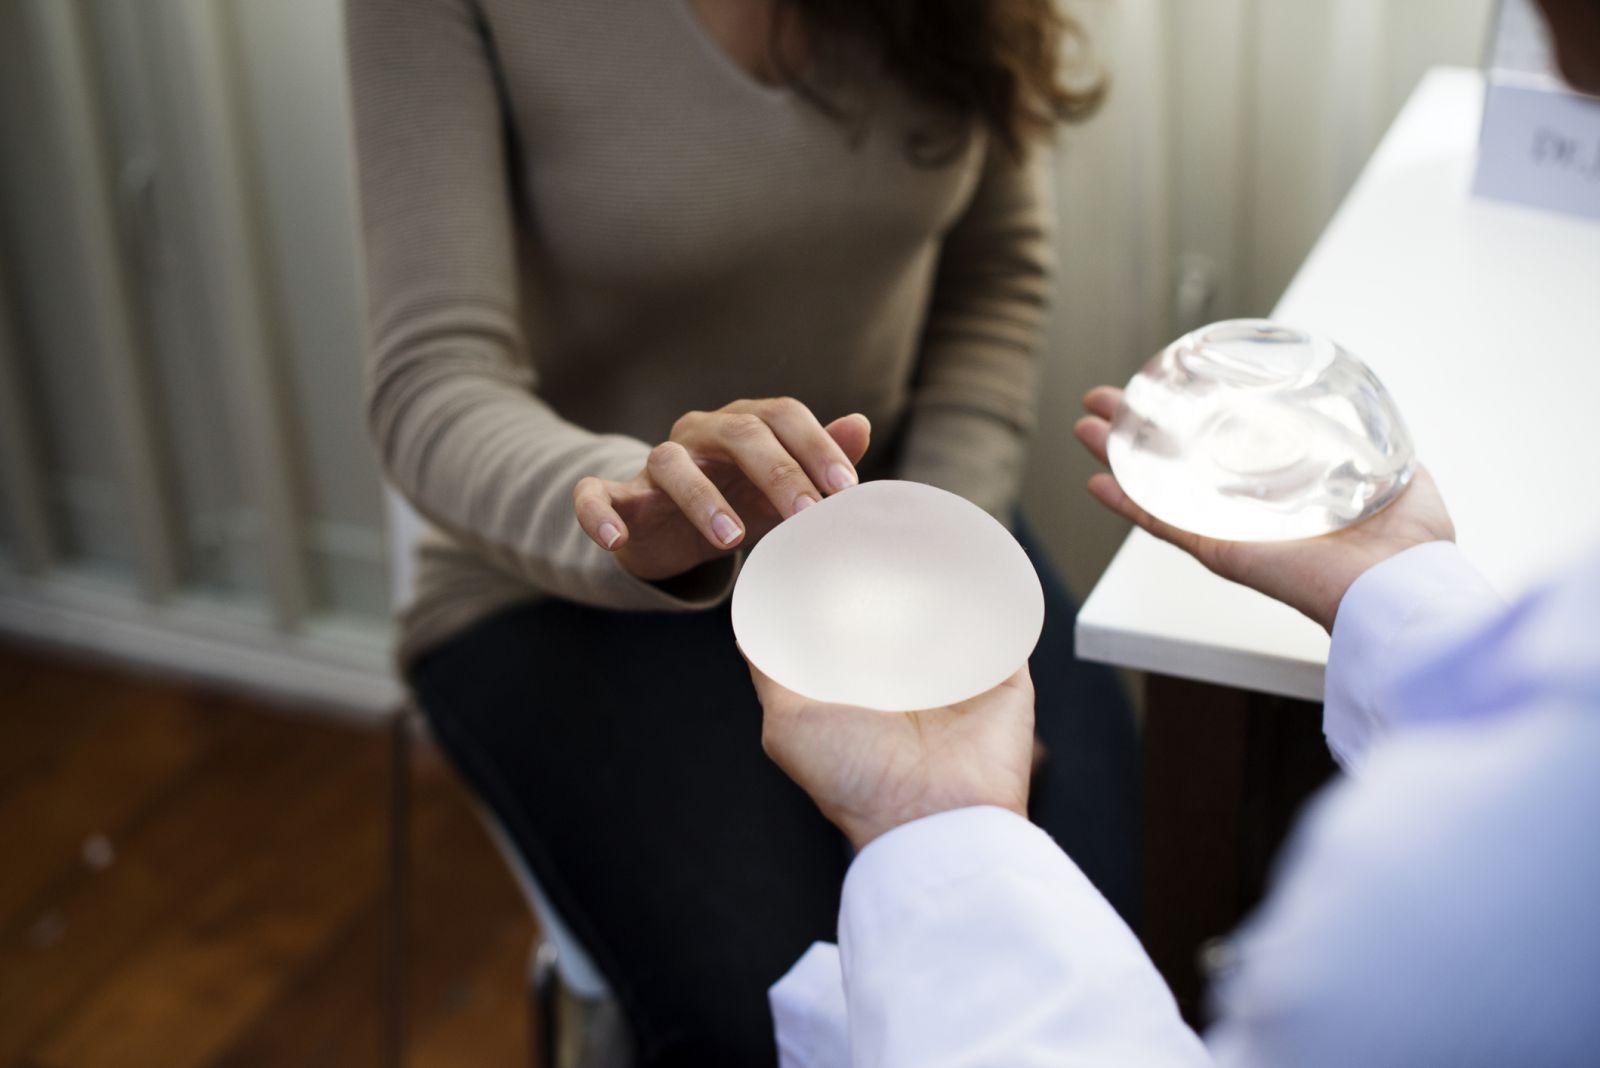 Bác sĩ thăm khám tổng quát khuôn ngực để xác định loại túi độn